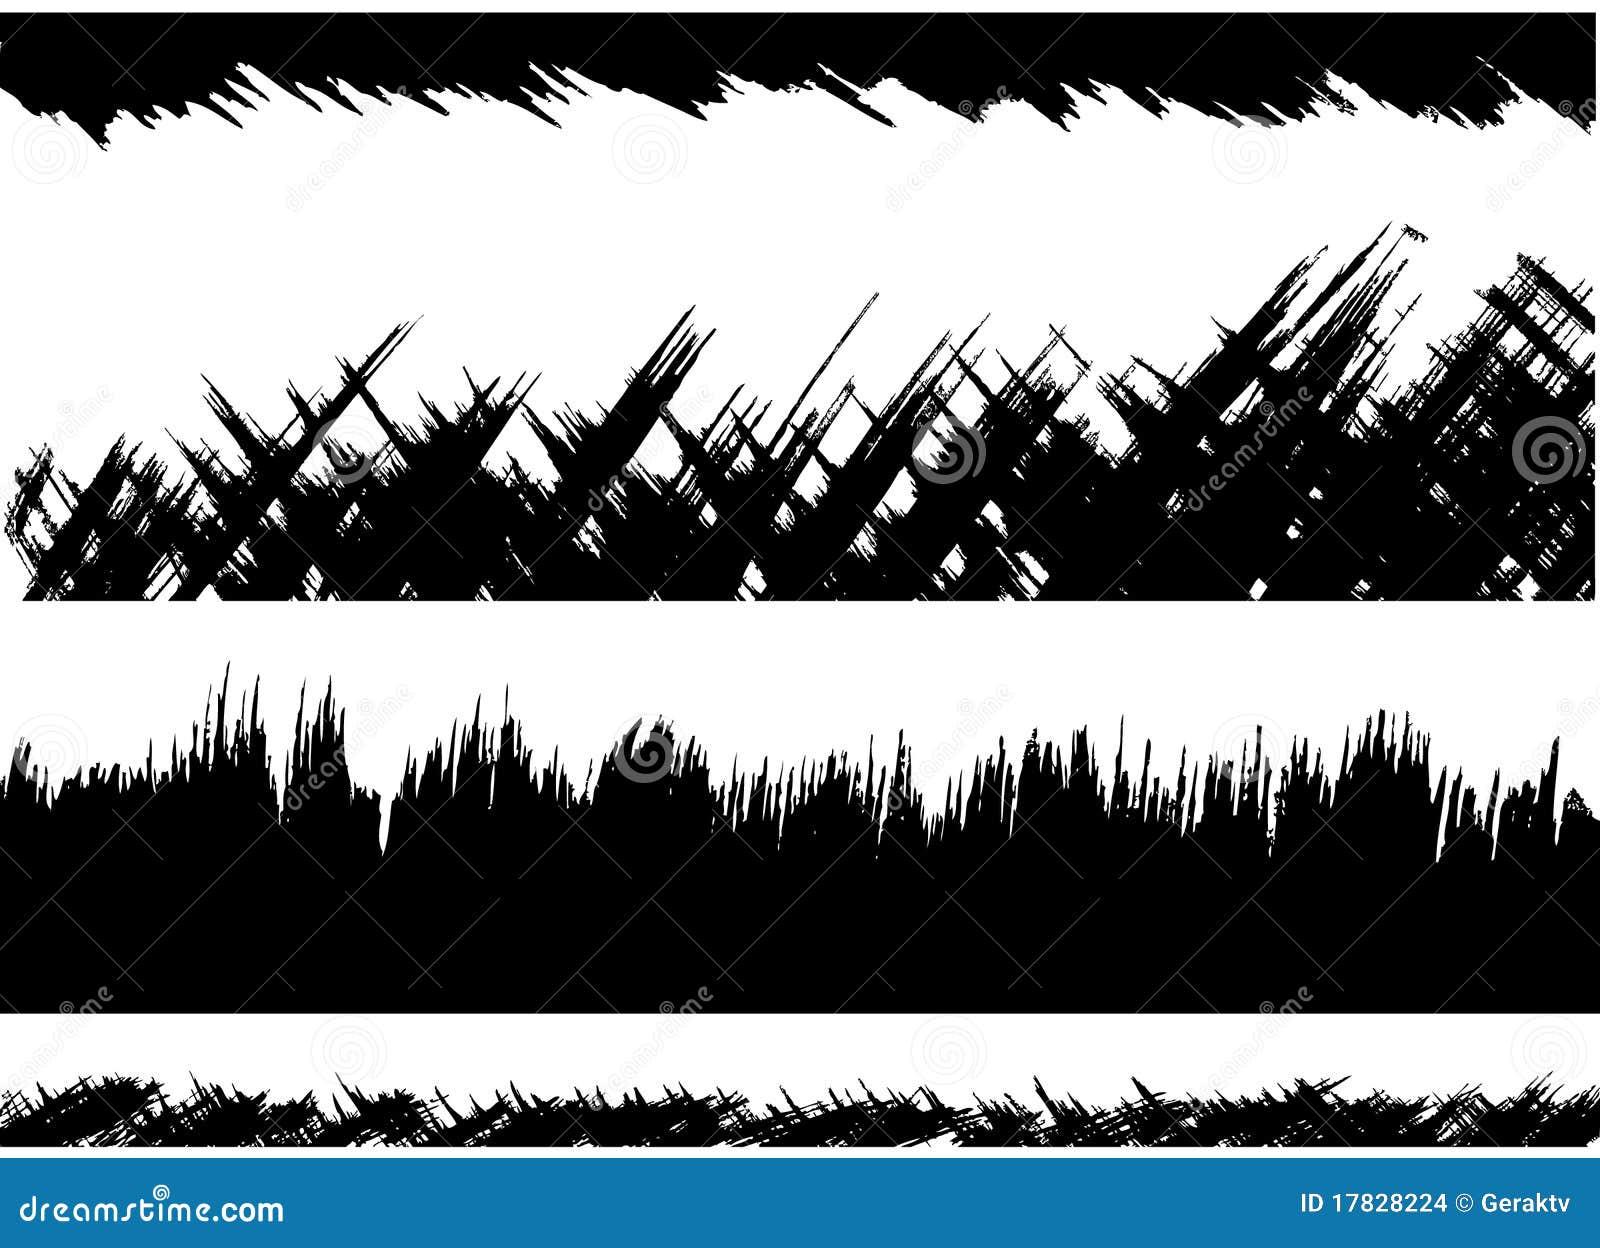 Grunge decoration stock images image 17828224 - Grune dekoration ...